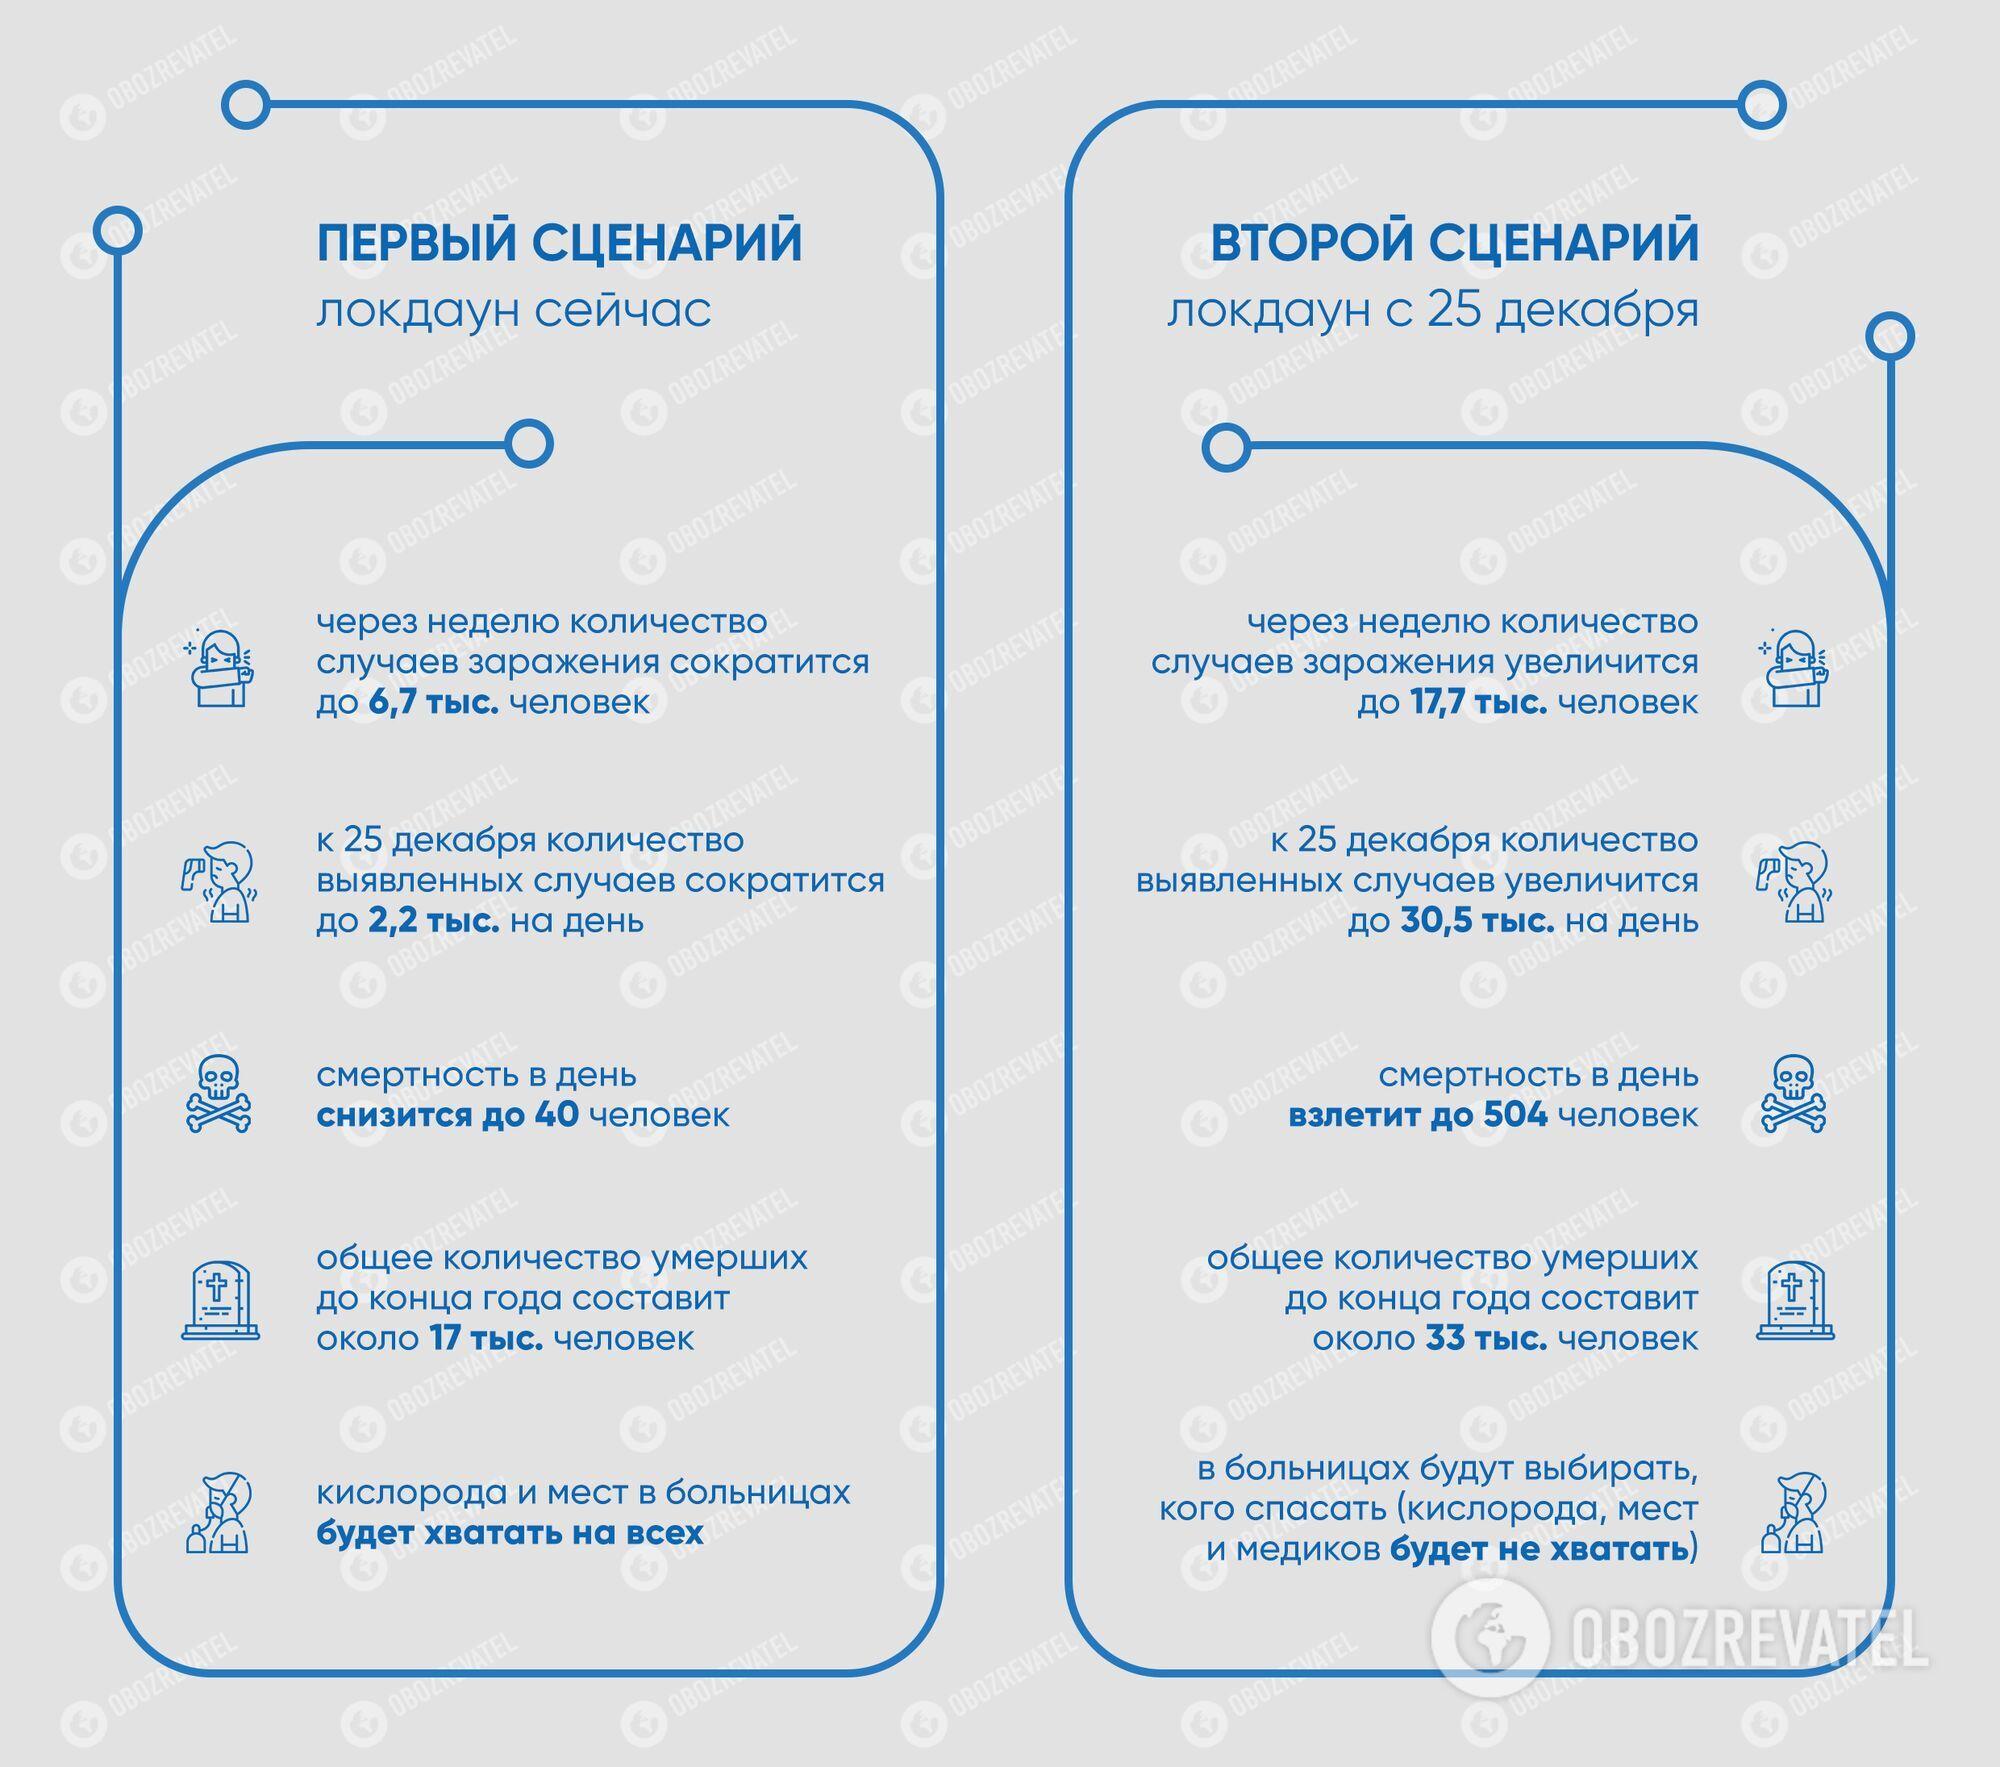 Минздрав хочет обойтись без локдауна в Украине, но ввести жесткий карантин с начала января